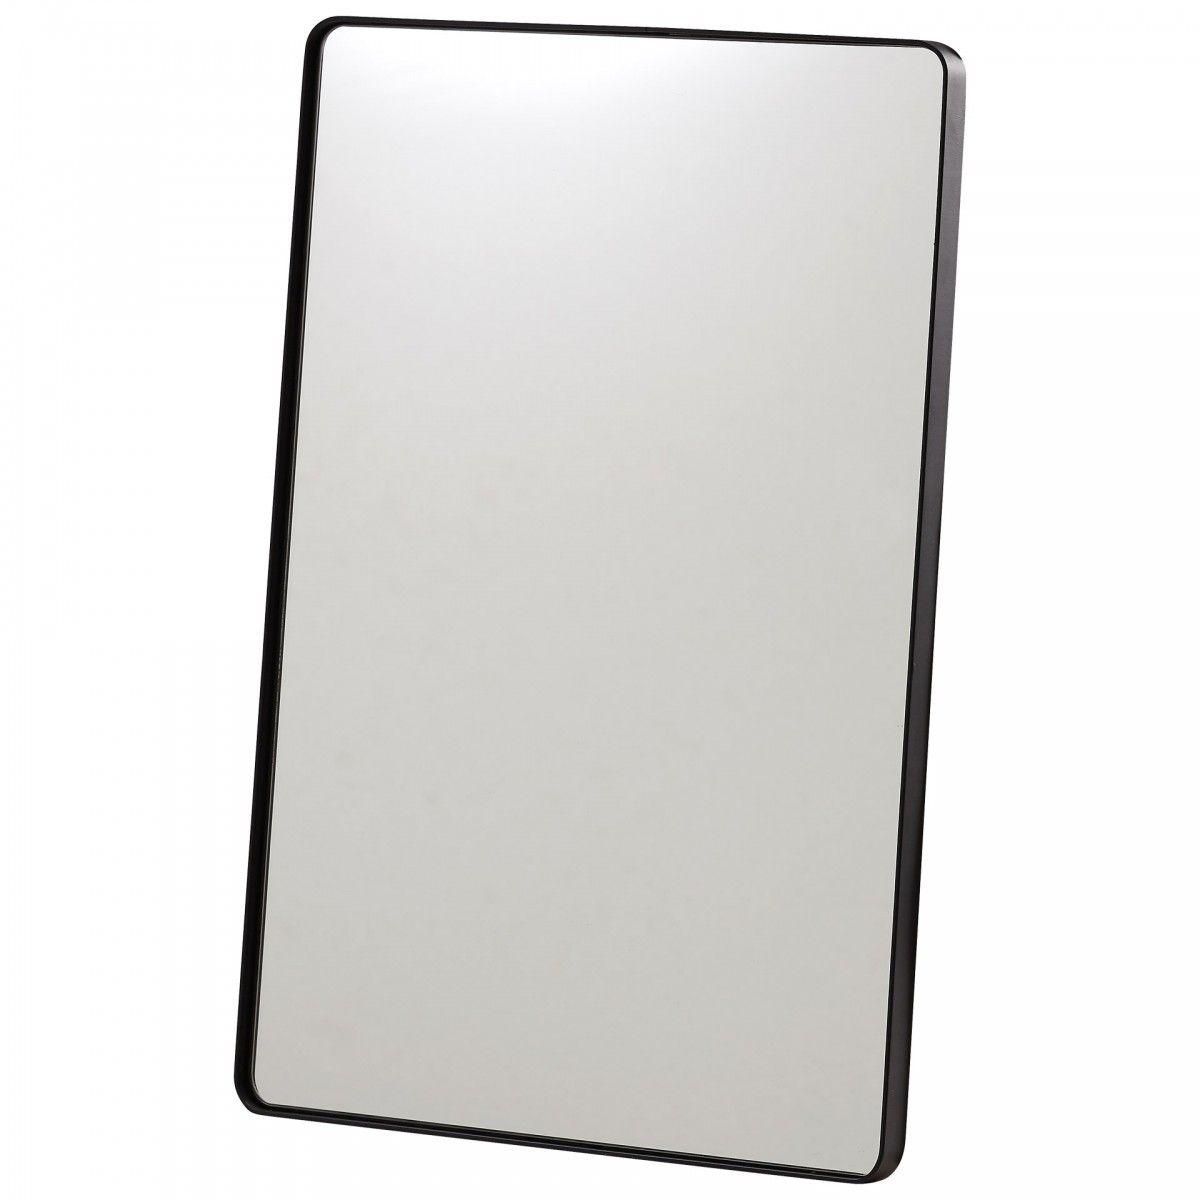 Spiegel Toftlund Schwarz Spiegel Schwarzes Metall Und